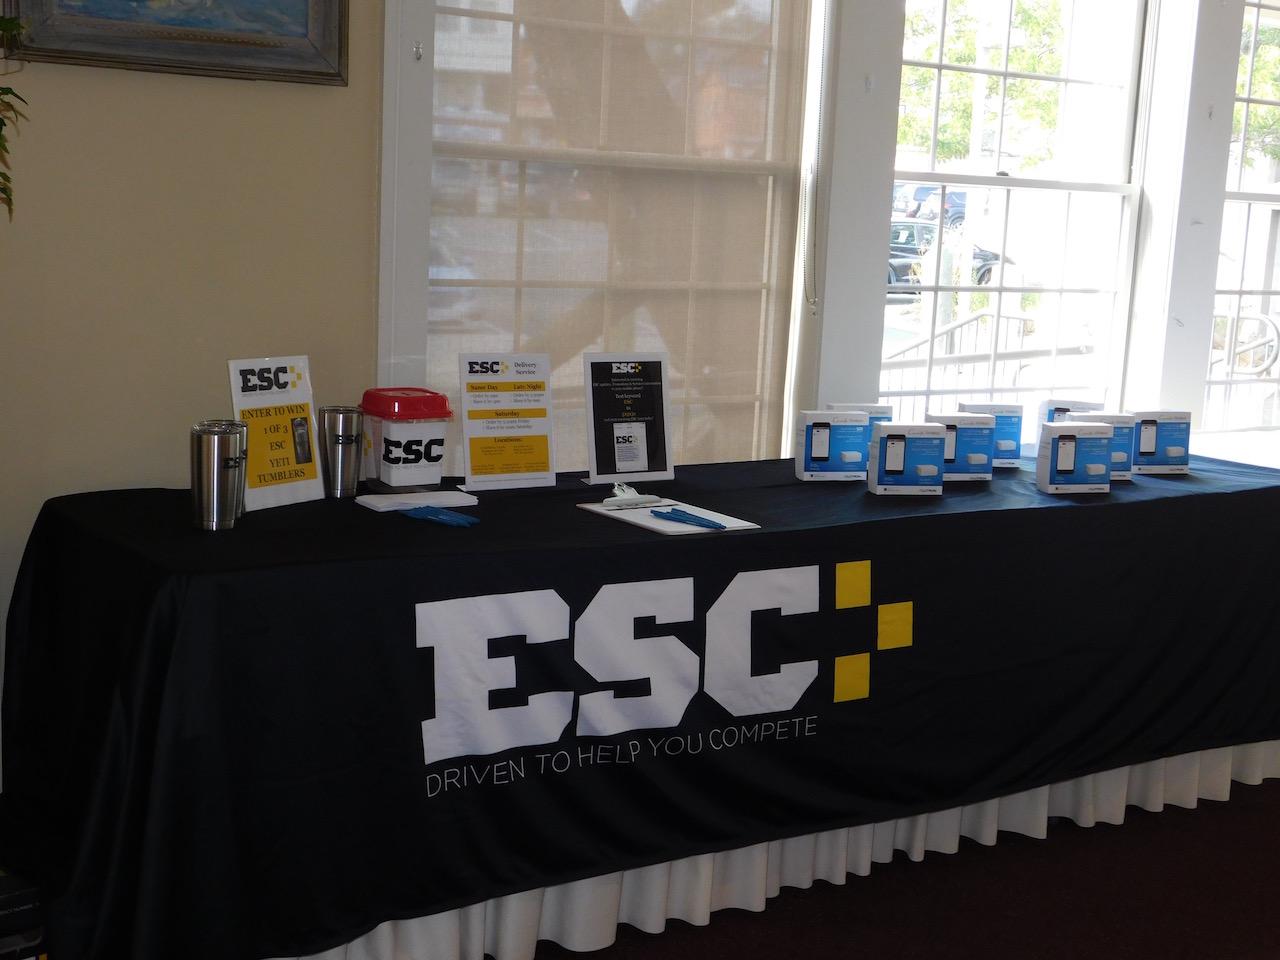 esc-event